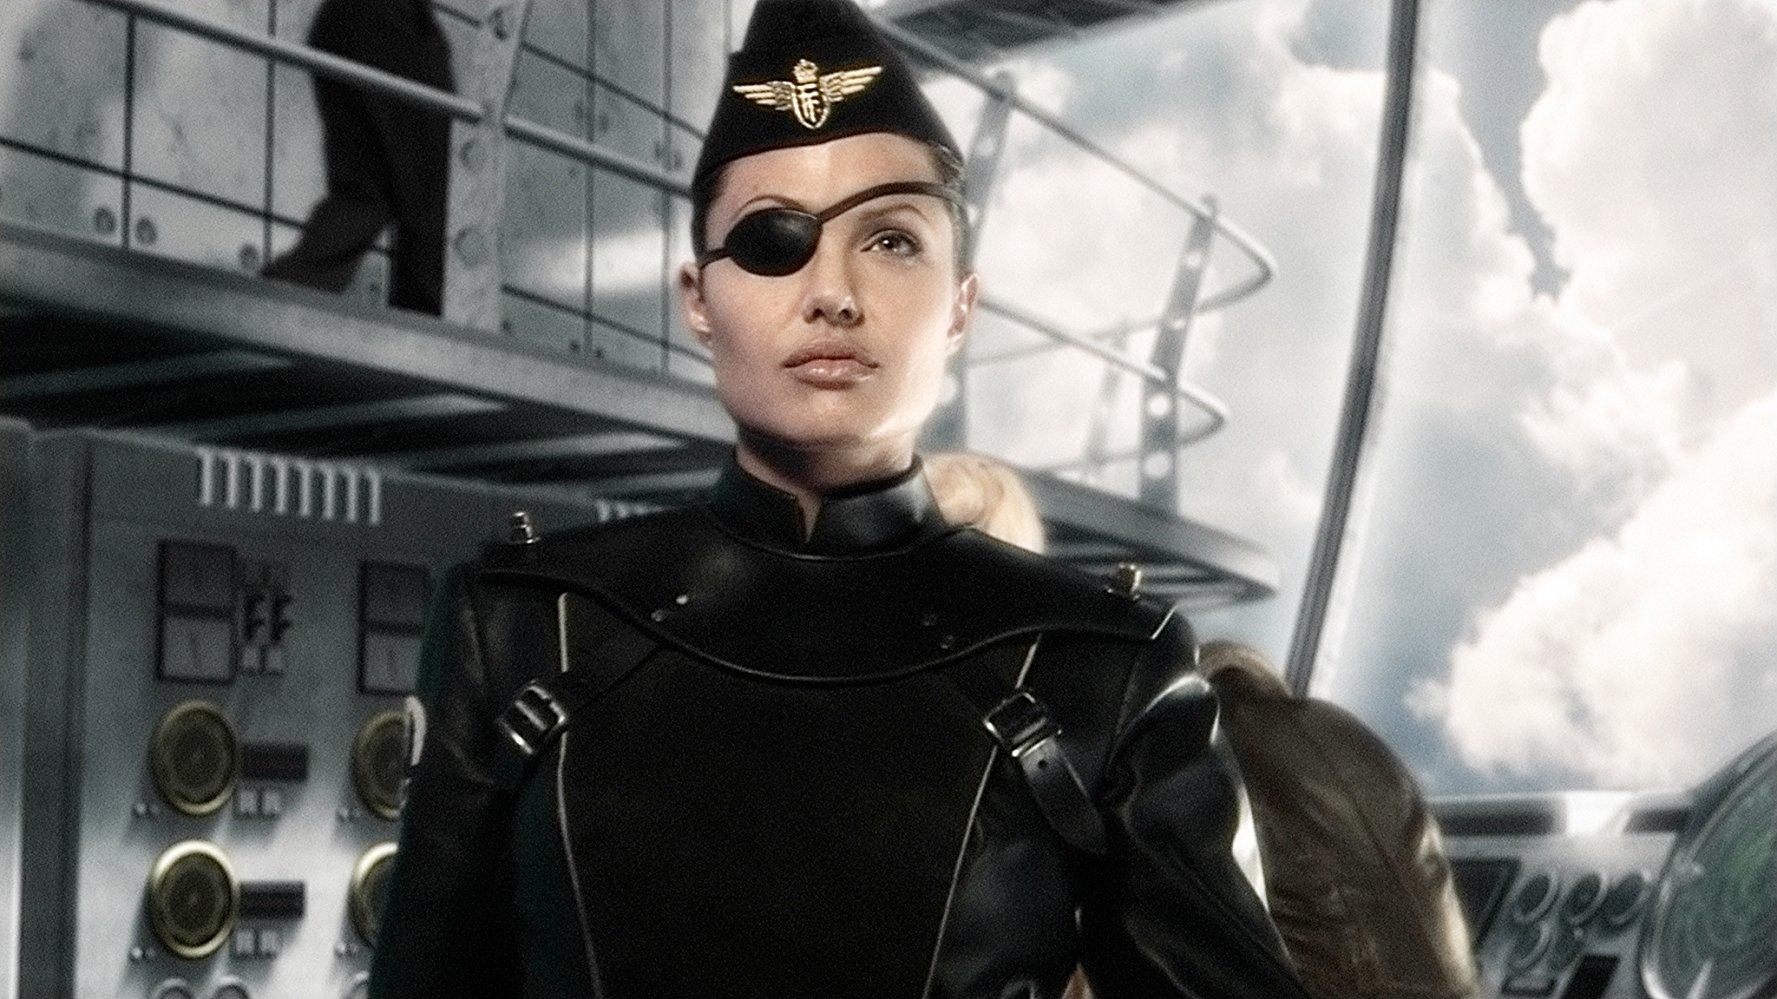 نمایی از فیلم کاپیتان اسکای و دنیای فردا